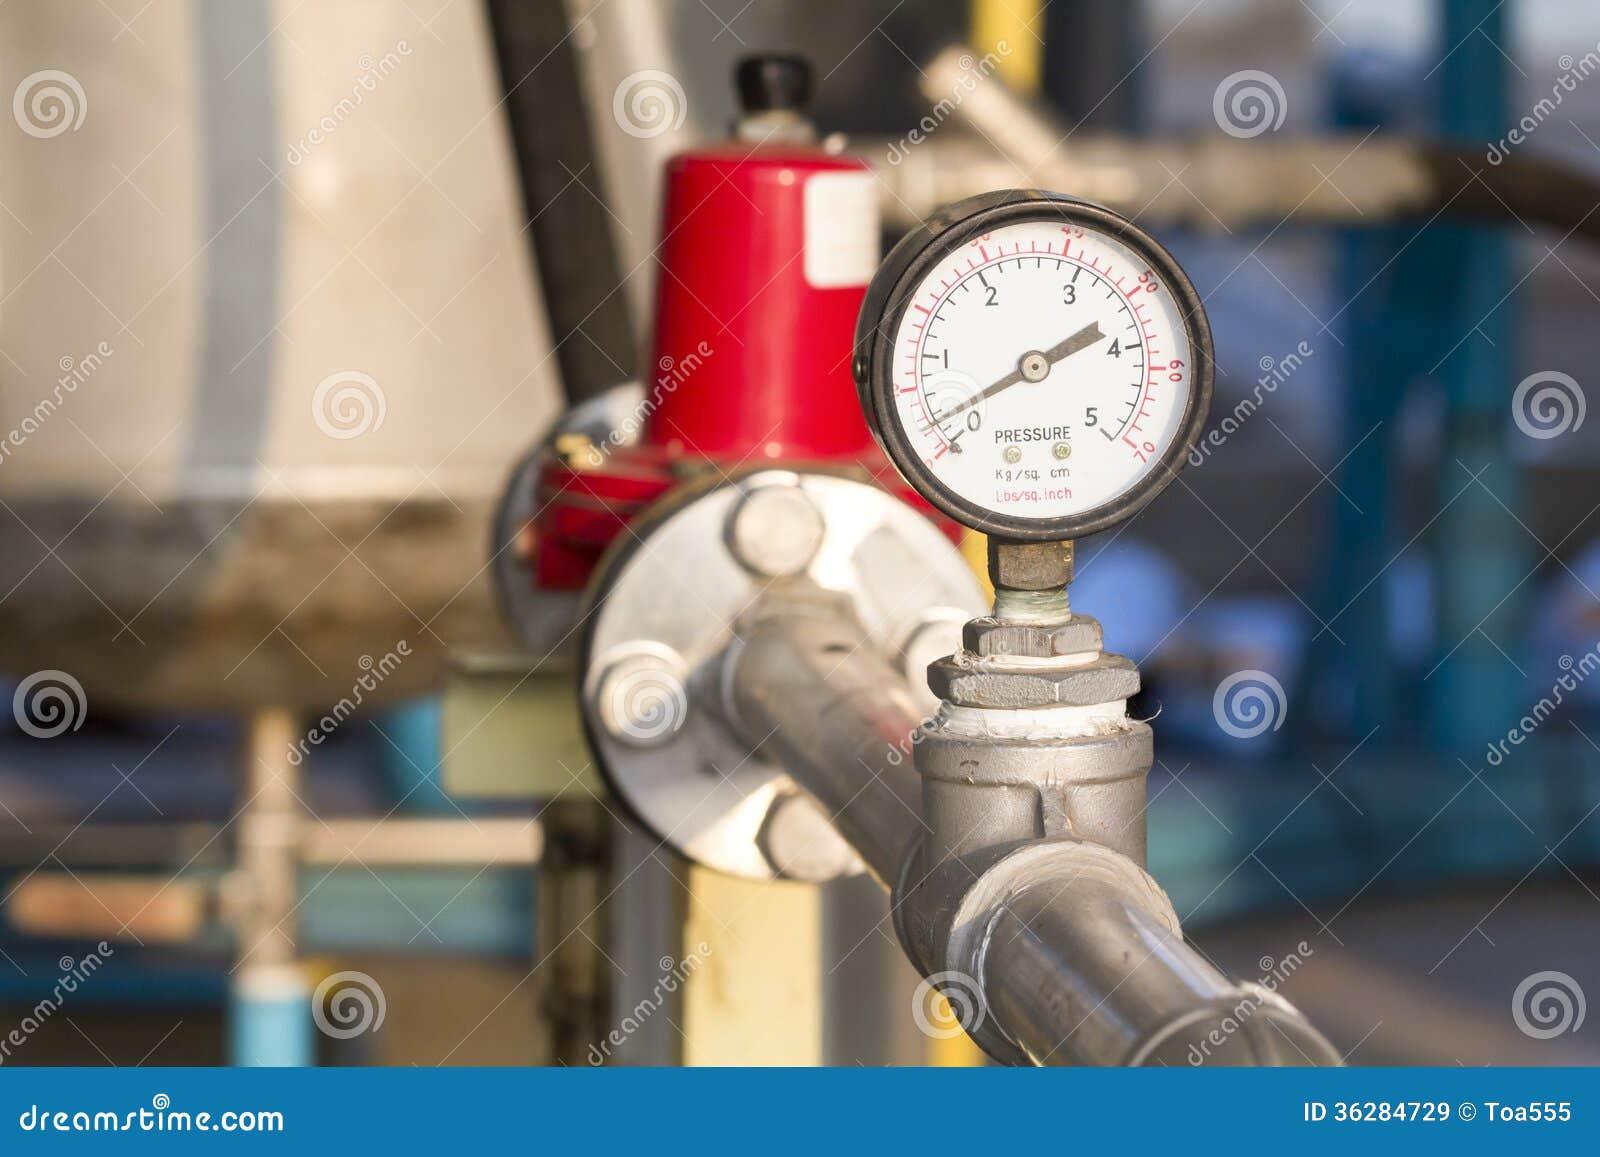 Natural Gas Pressure Manometer